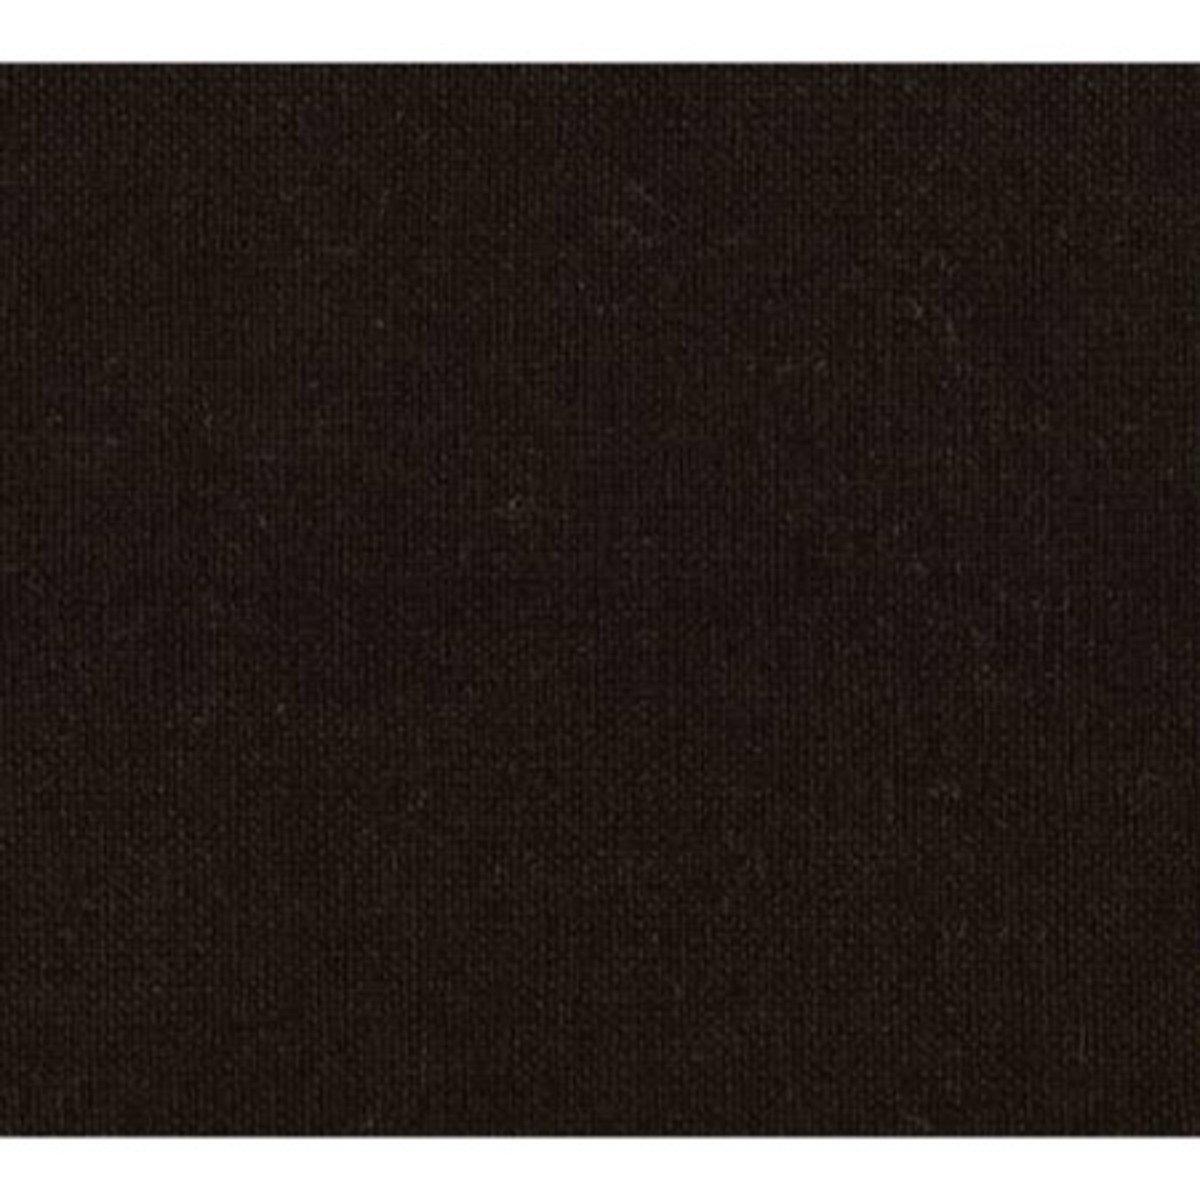 BELLA SOLID BLACK 108 by MODA